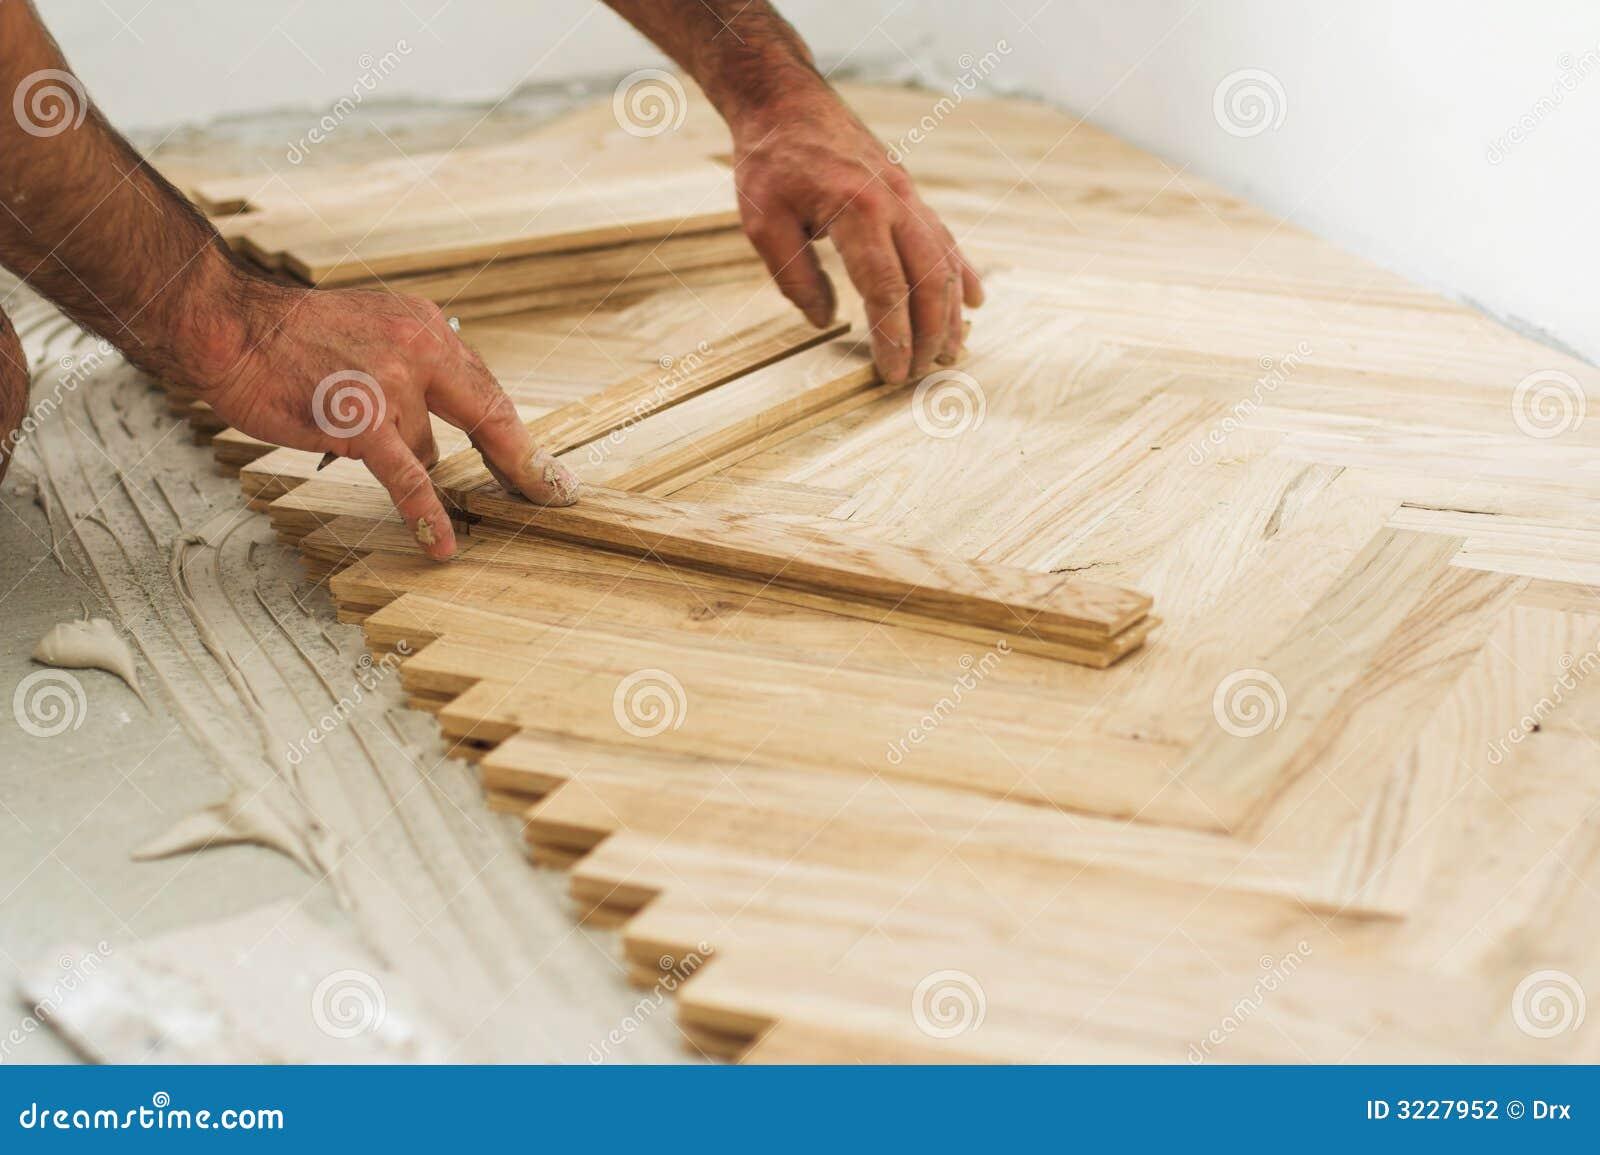 Conceito do parquet e do carpinteiro